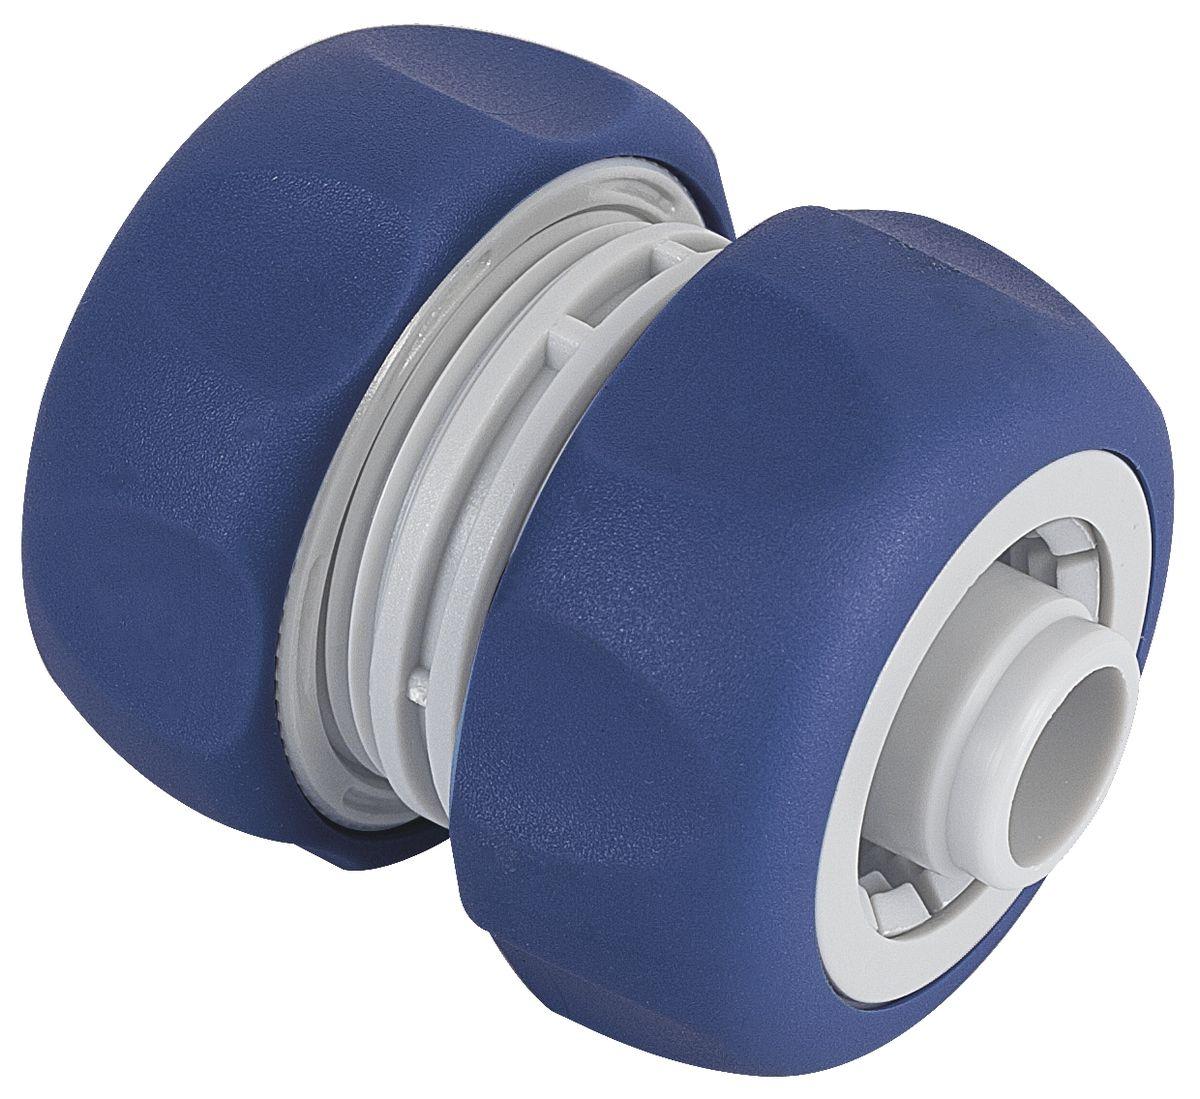 Муфта ремонтная Green Apple, 3/402760-37.000.00Ремонтная соединительная муфта Green Apple предназначена для быстрого ремонта поврежденного шланга. После удаления поврежденного участка новые концы шланга легко соединяются с помощью муфты.Особенности:Покрытие ручки TPR soft.Для шланга 19 мм (3/4).Характеристики:Длина: 6.2 см.